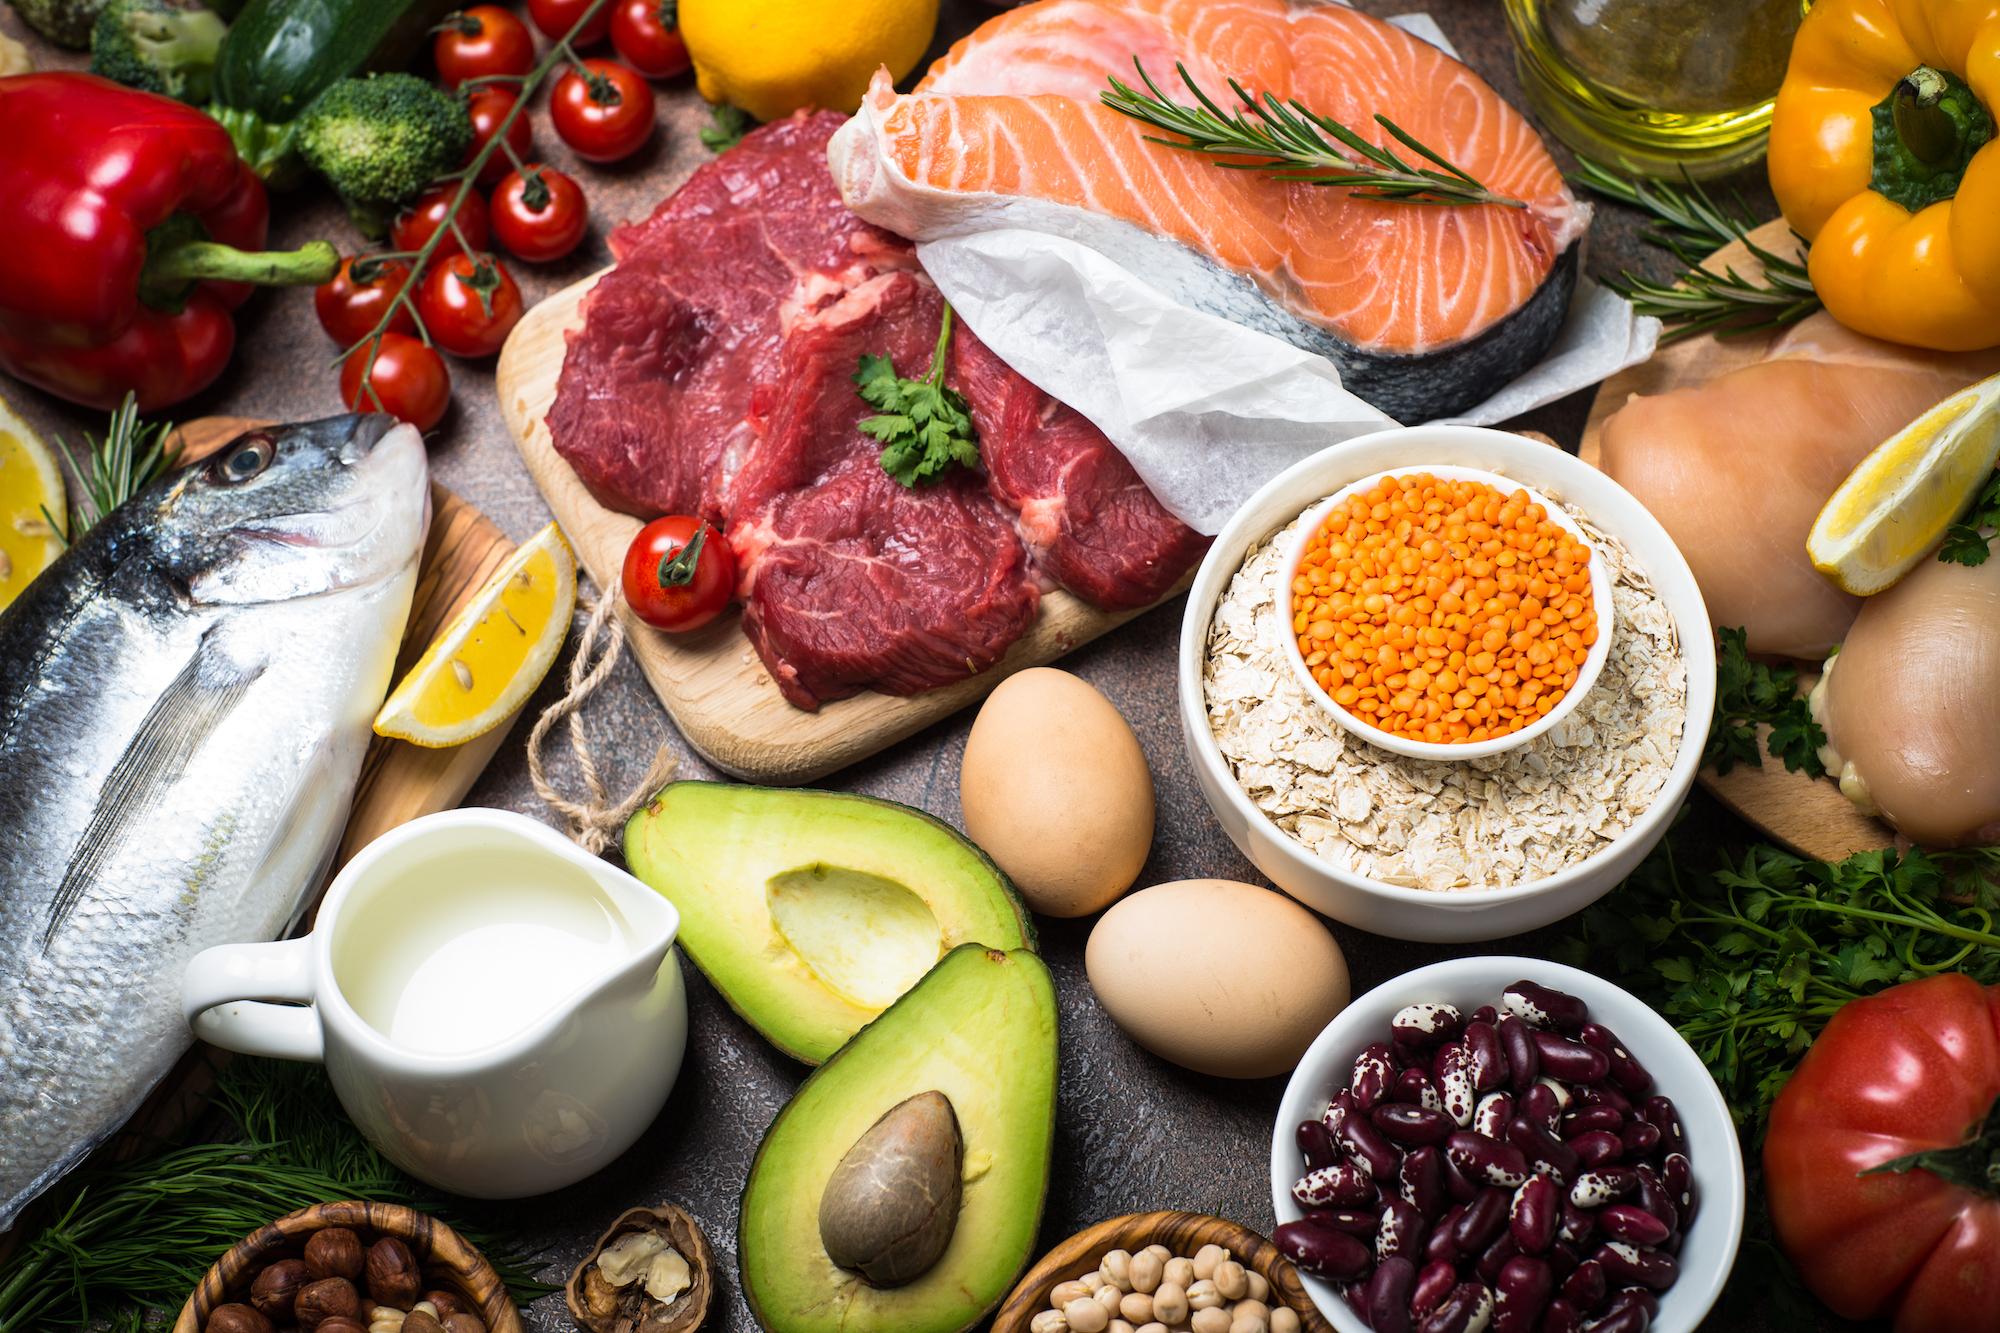 「シャッターストック ダイエット 食事」の画像検索結果